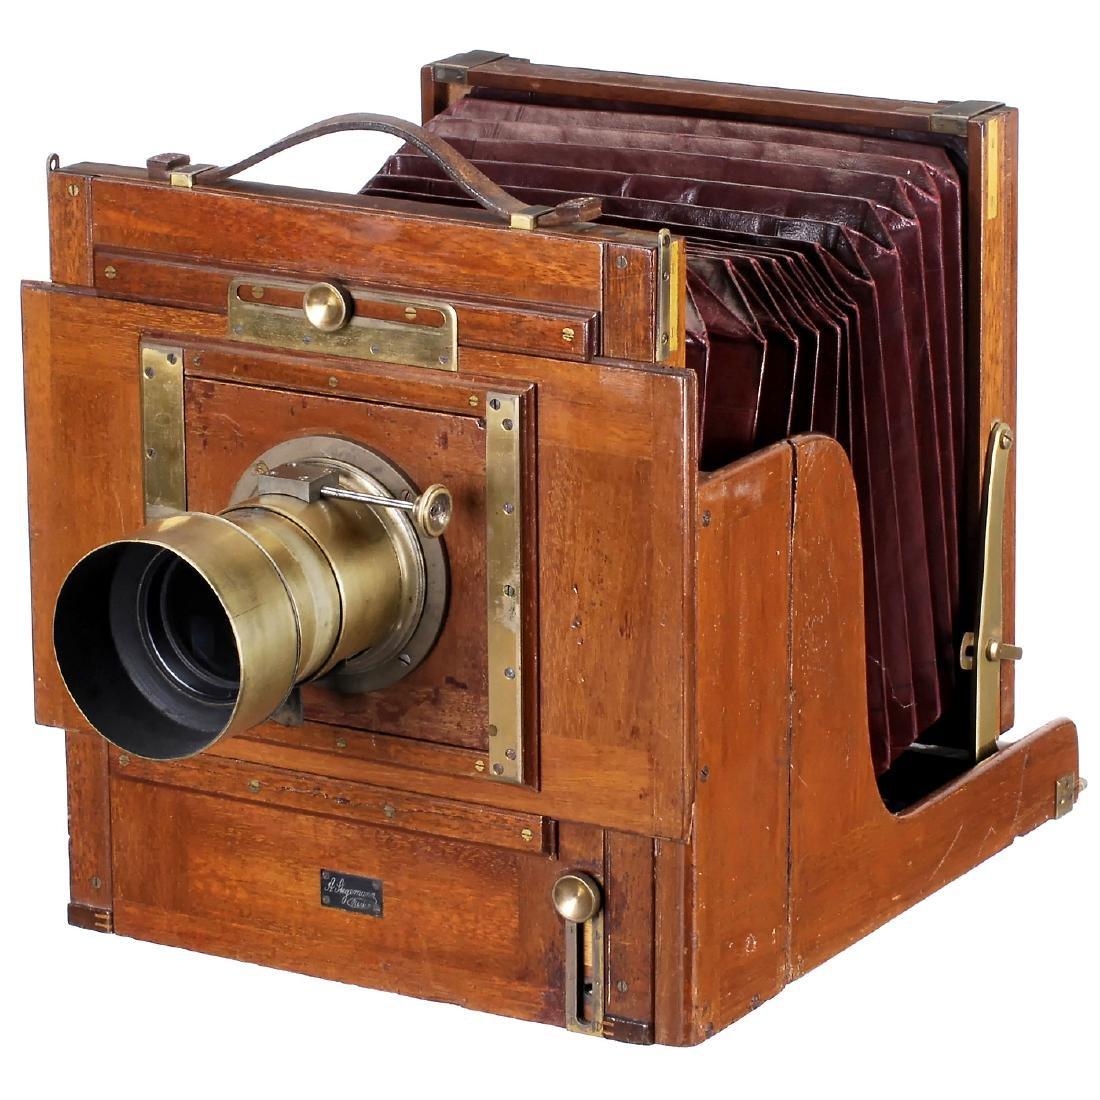 Stegemann Camera with Voigtländer Petzval-Type Lens of